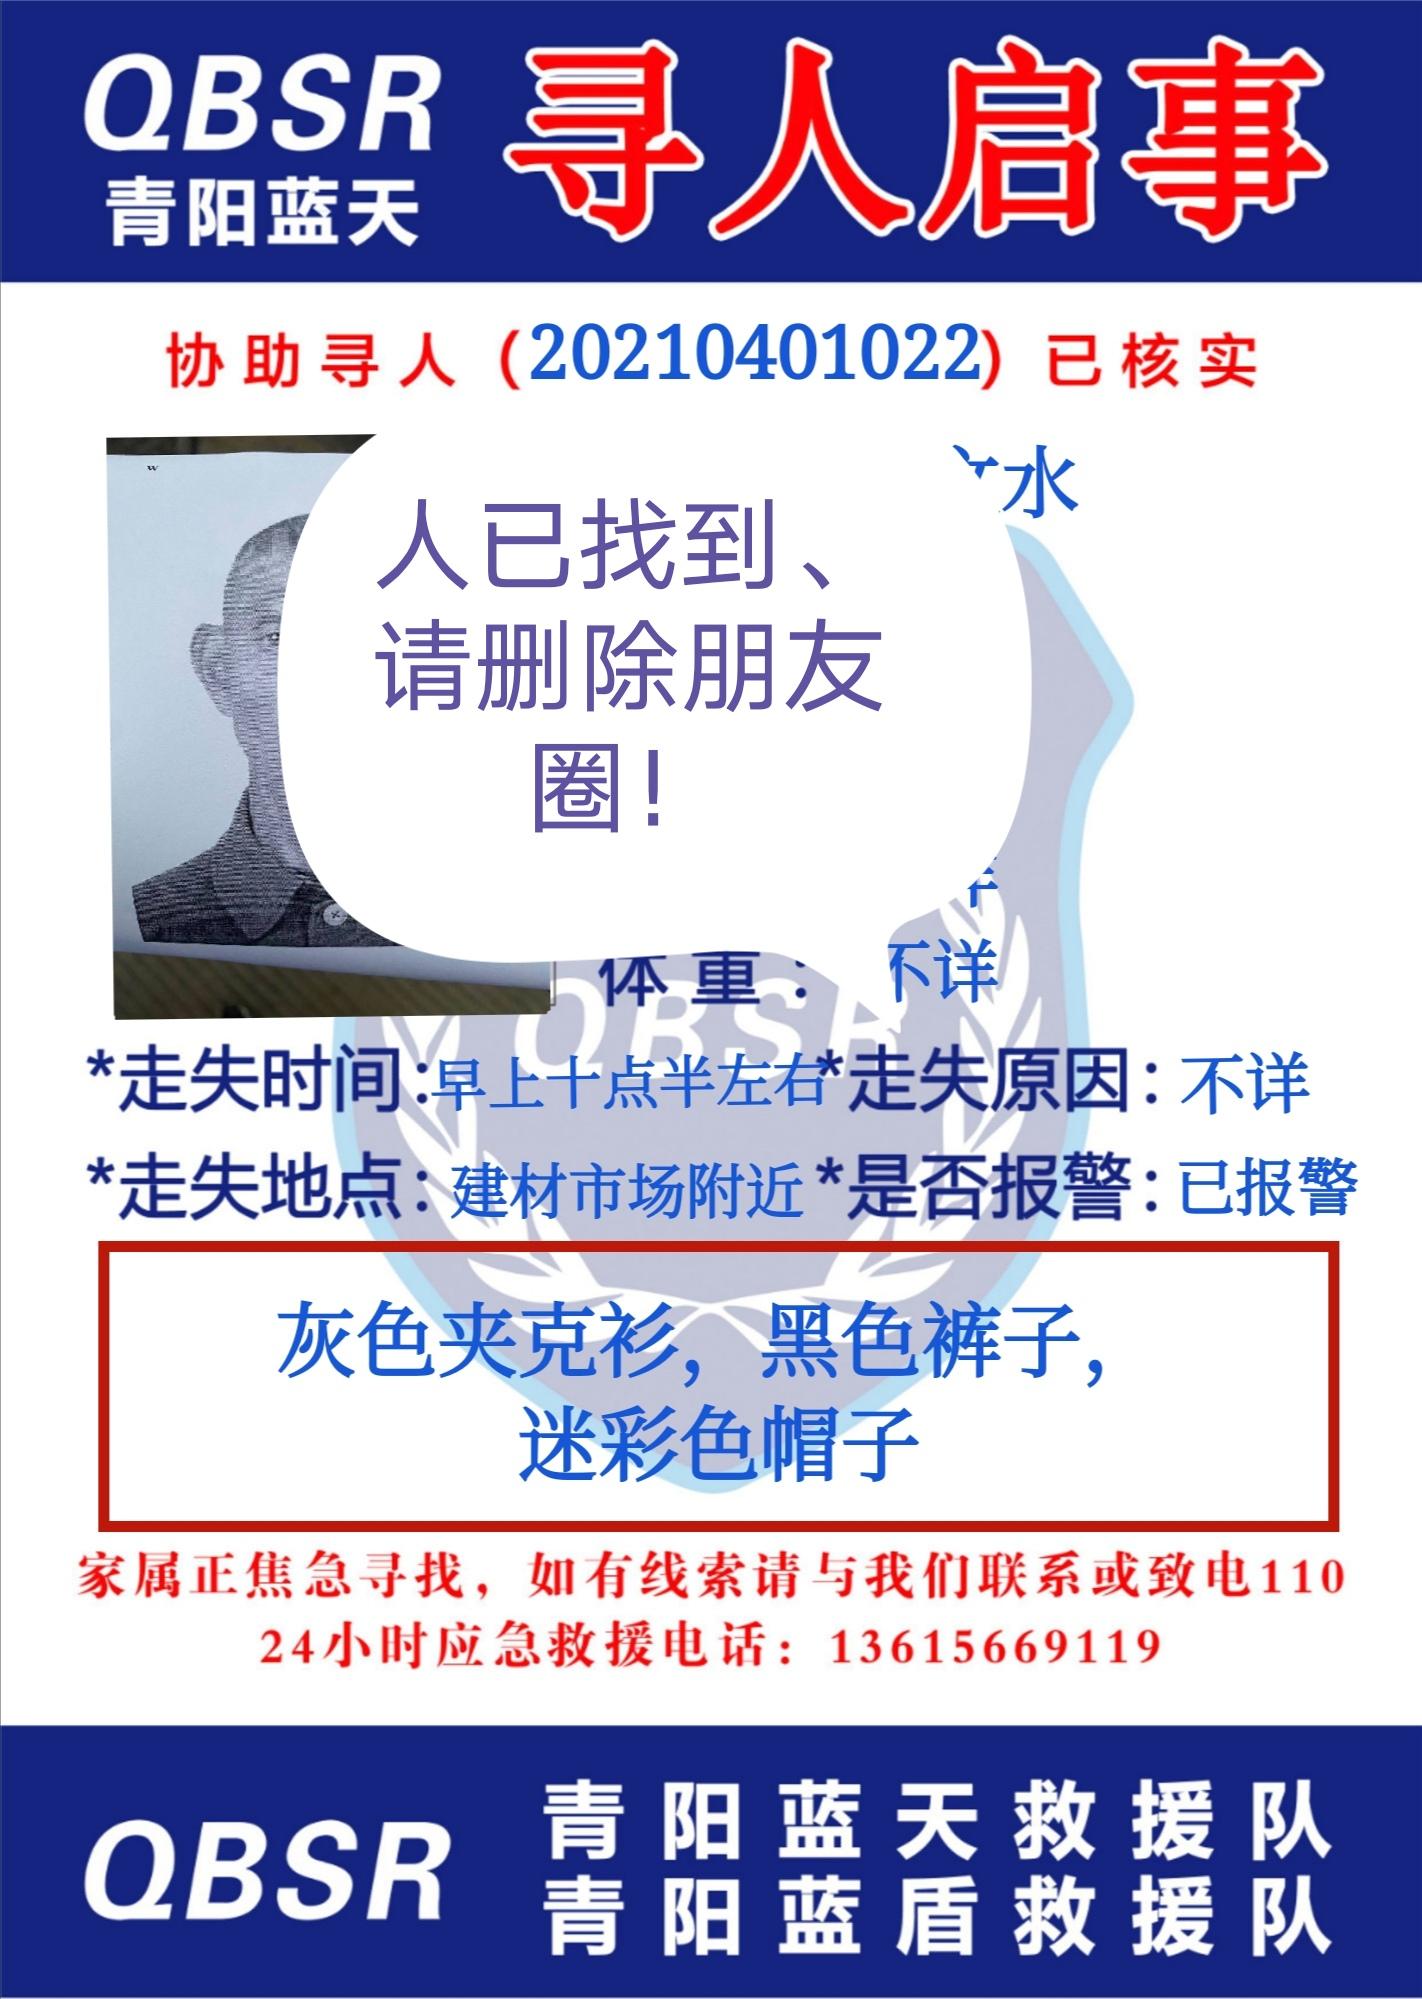 微信图片_20210401202602.jpg